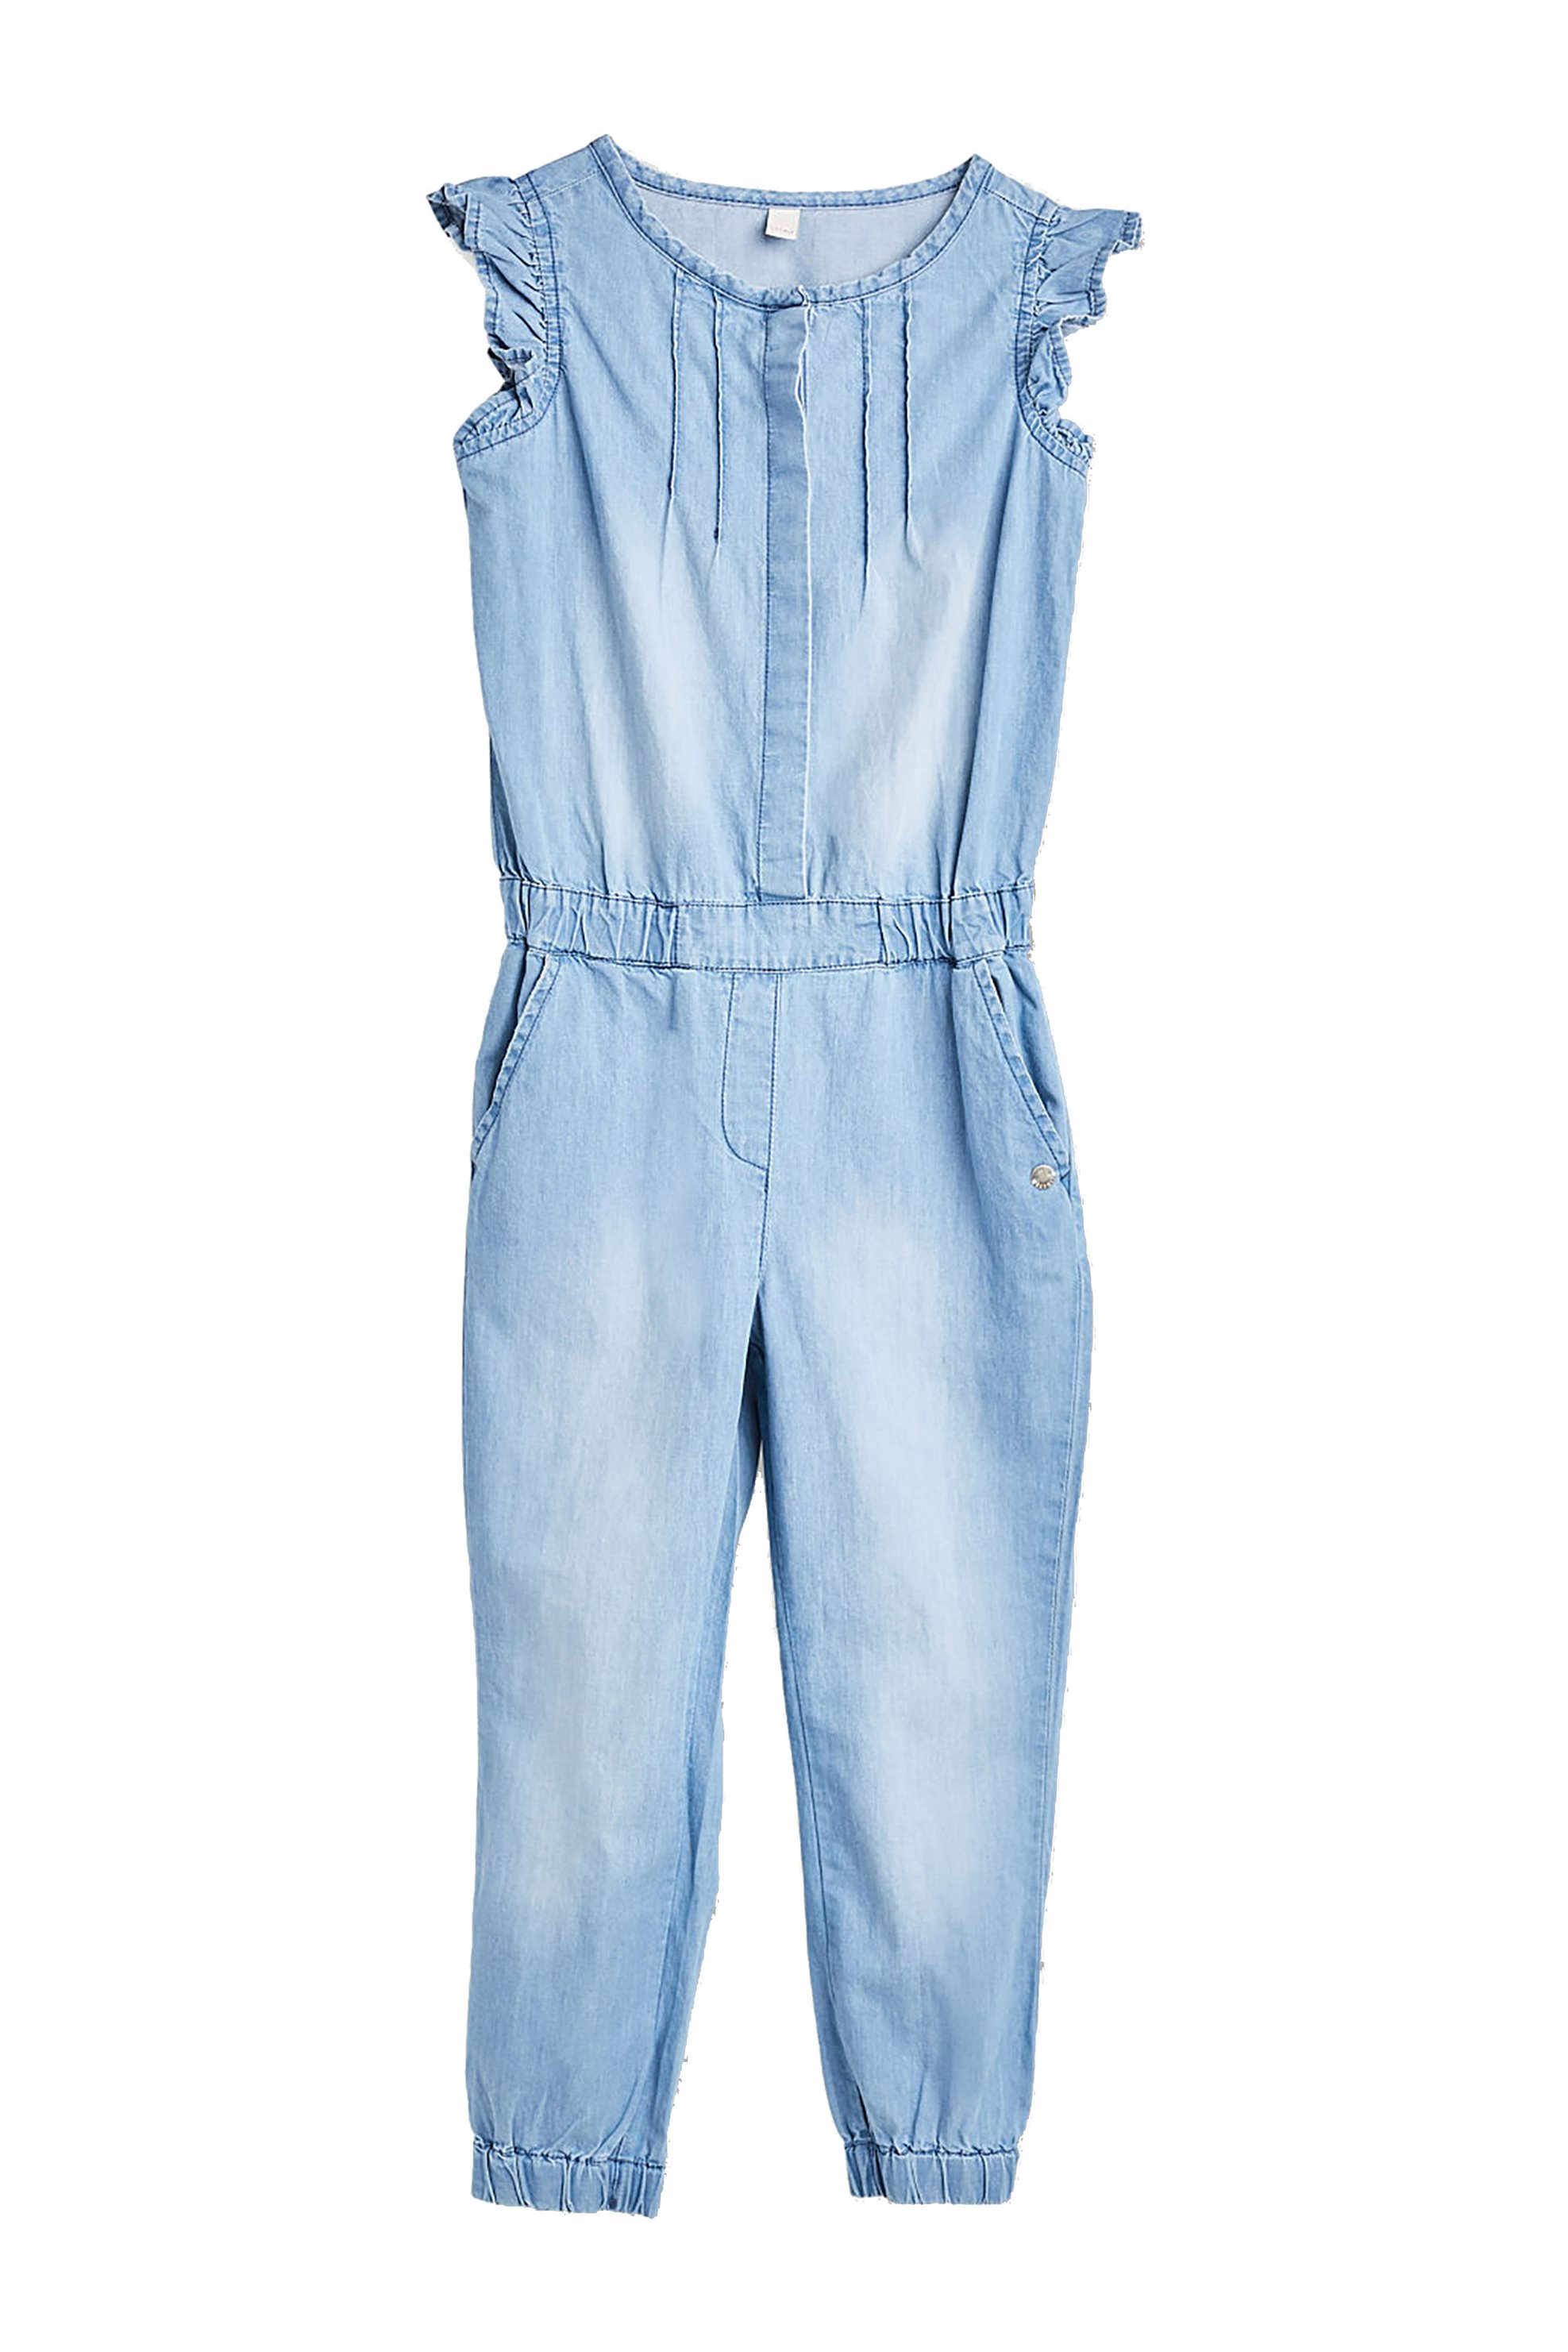 Παιδική denim ολόσωμη φόρμα (2-9 ετών) Esprit - RL3201302 - Μπλε παιδι   βρεφικα κοριτσι   0 3 ετων   κοριτσι   4 14 ετων   ρούχα   tops   παντελ